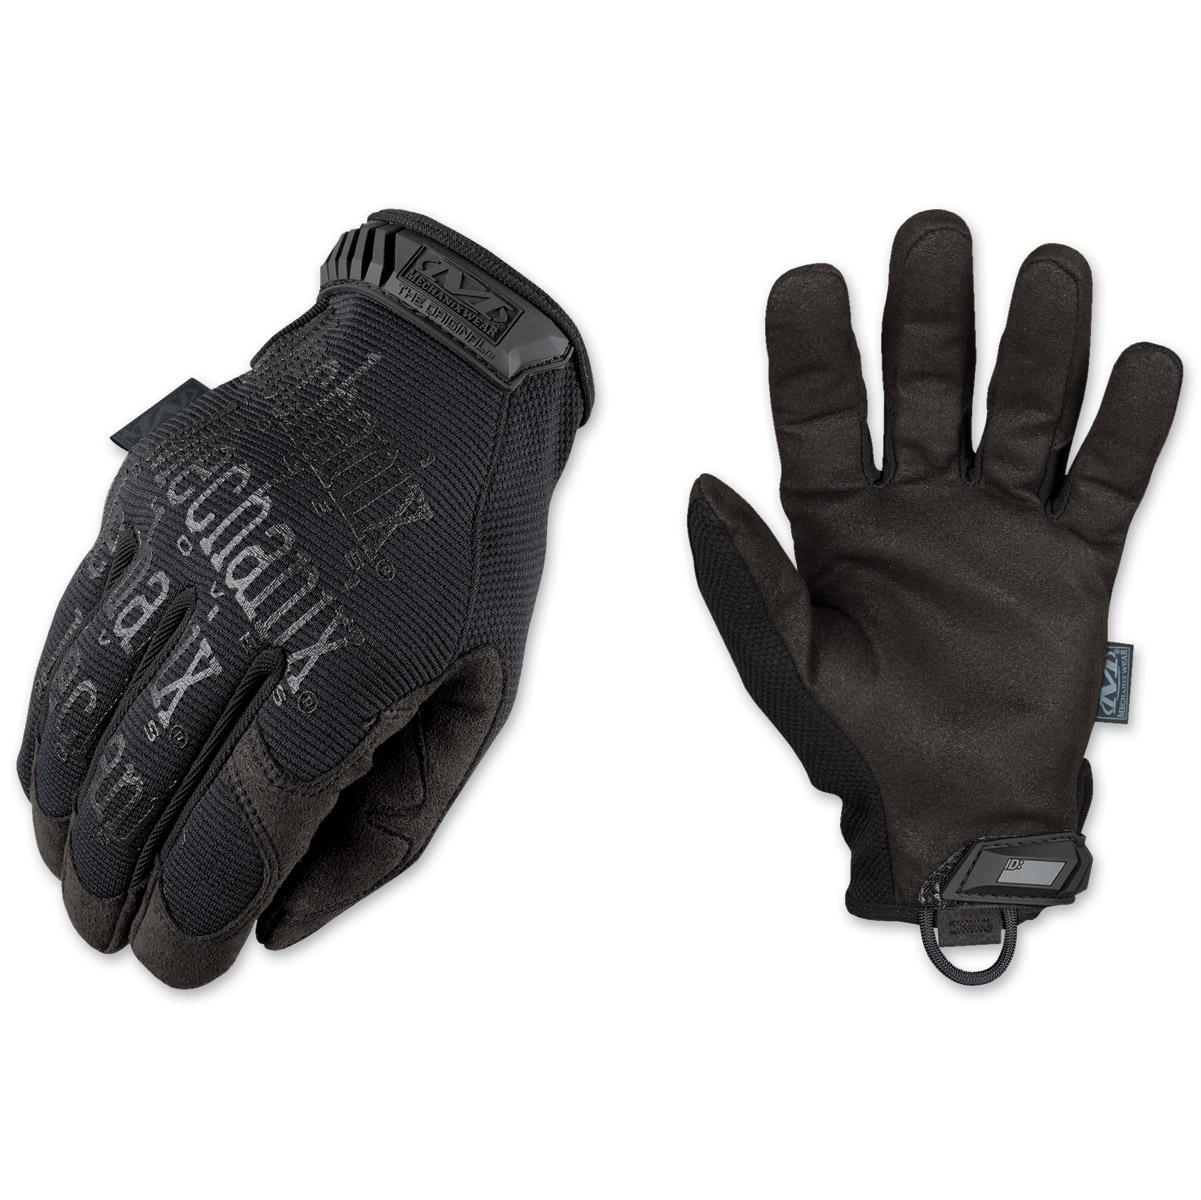 Mechanix Wear Original Covert Black Gloves